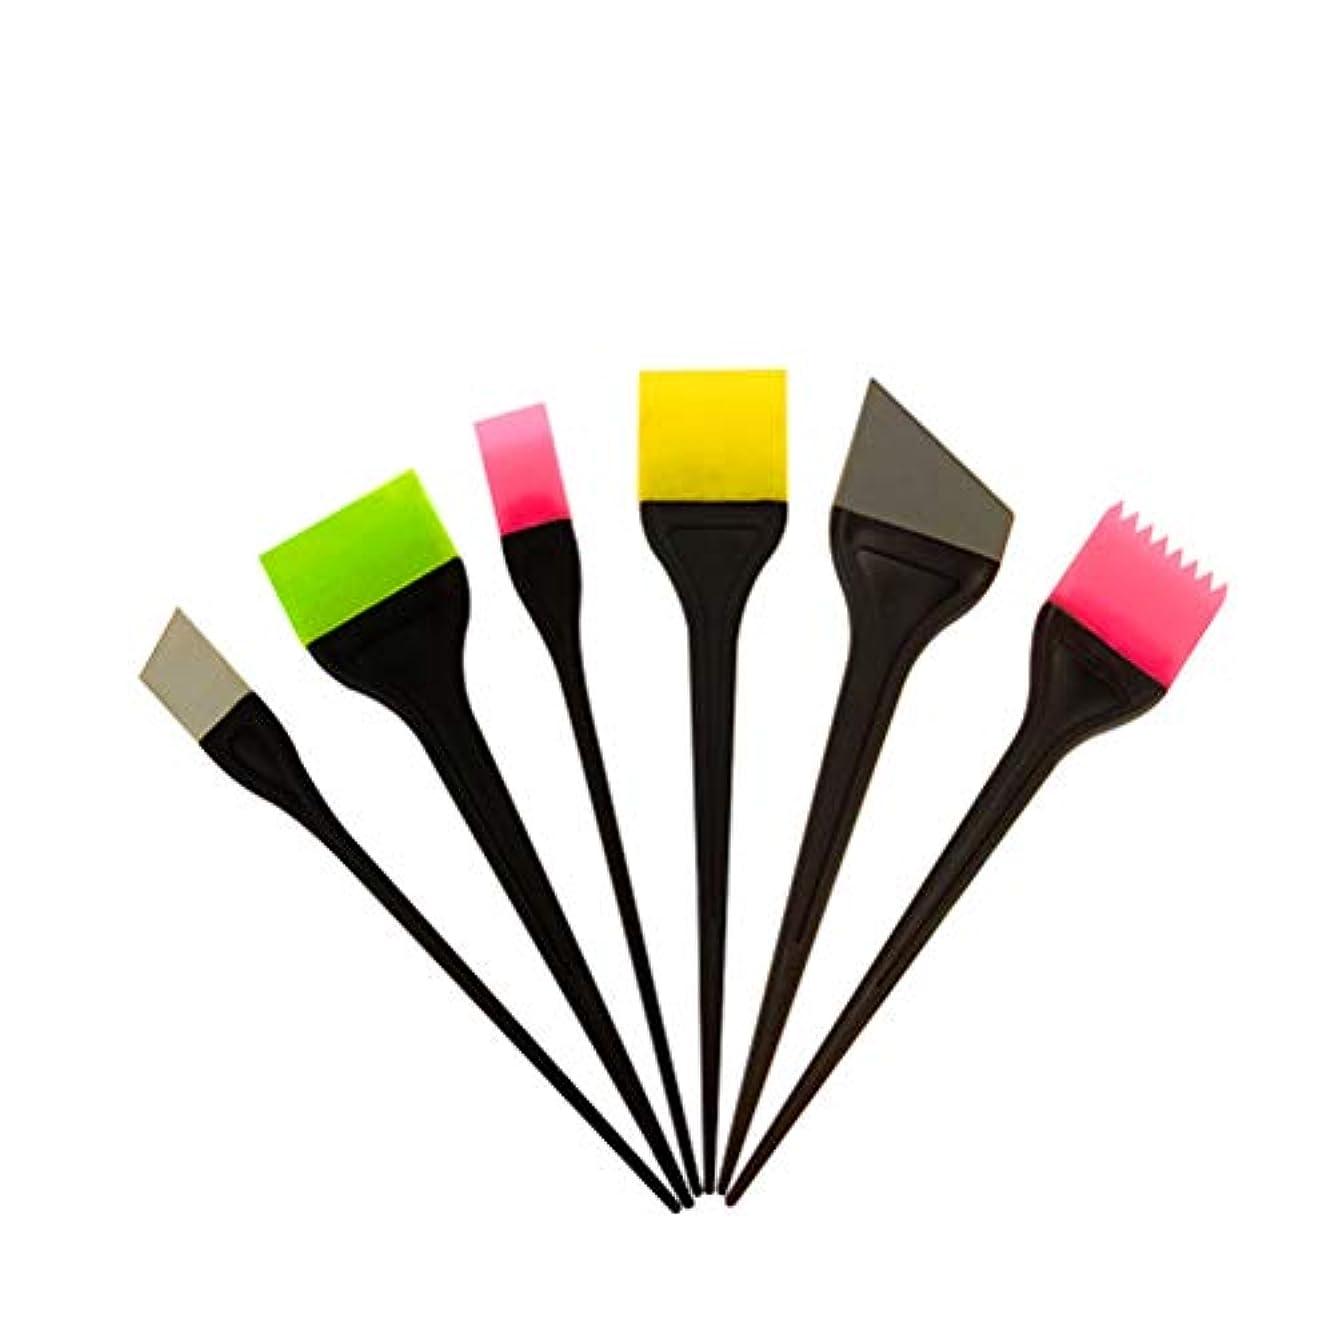 普及驚くべき八Frcolor ヘアダイブラシ ヘアカラー 毛染め シリコン製 ヘアダイコーム カラーリングブラシ 家庭用 美容師プロ用 6本セット(ランダム色)